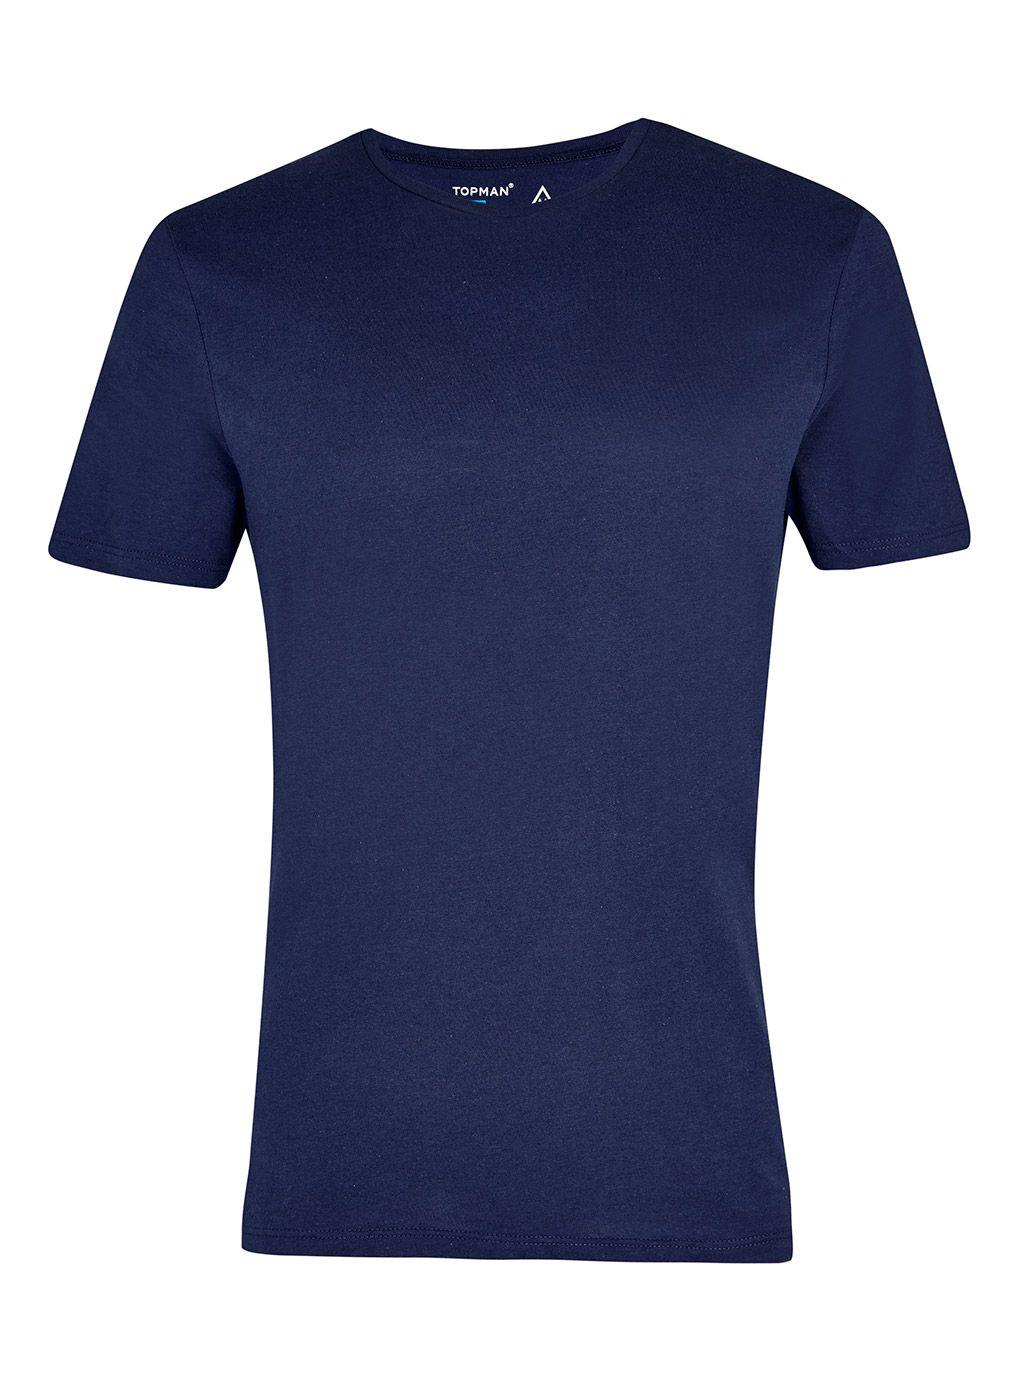 topman slim fit t shirt in blue for men lyst. Black Bedroom Furniture Sets. Home Design Ideas